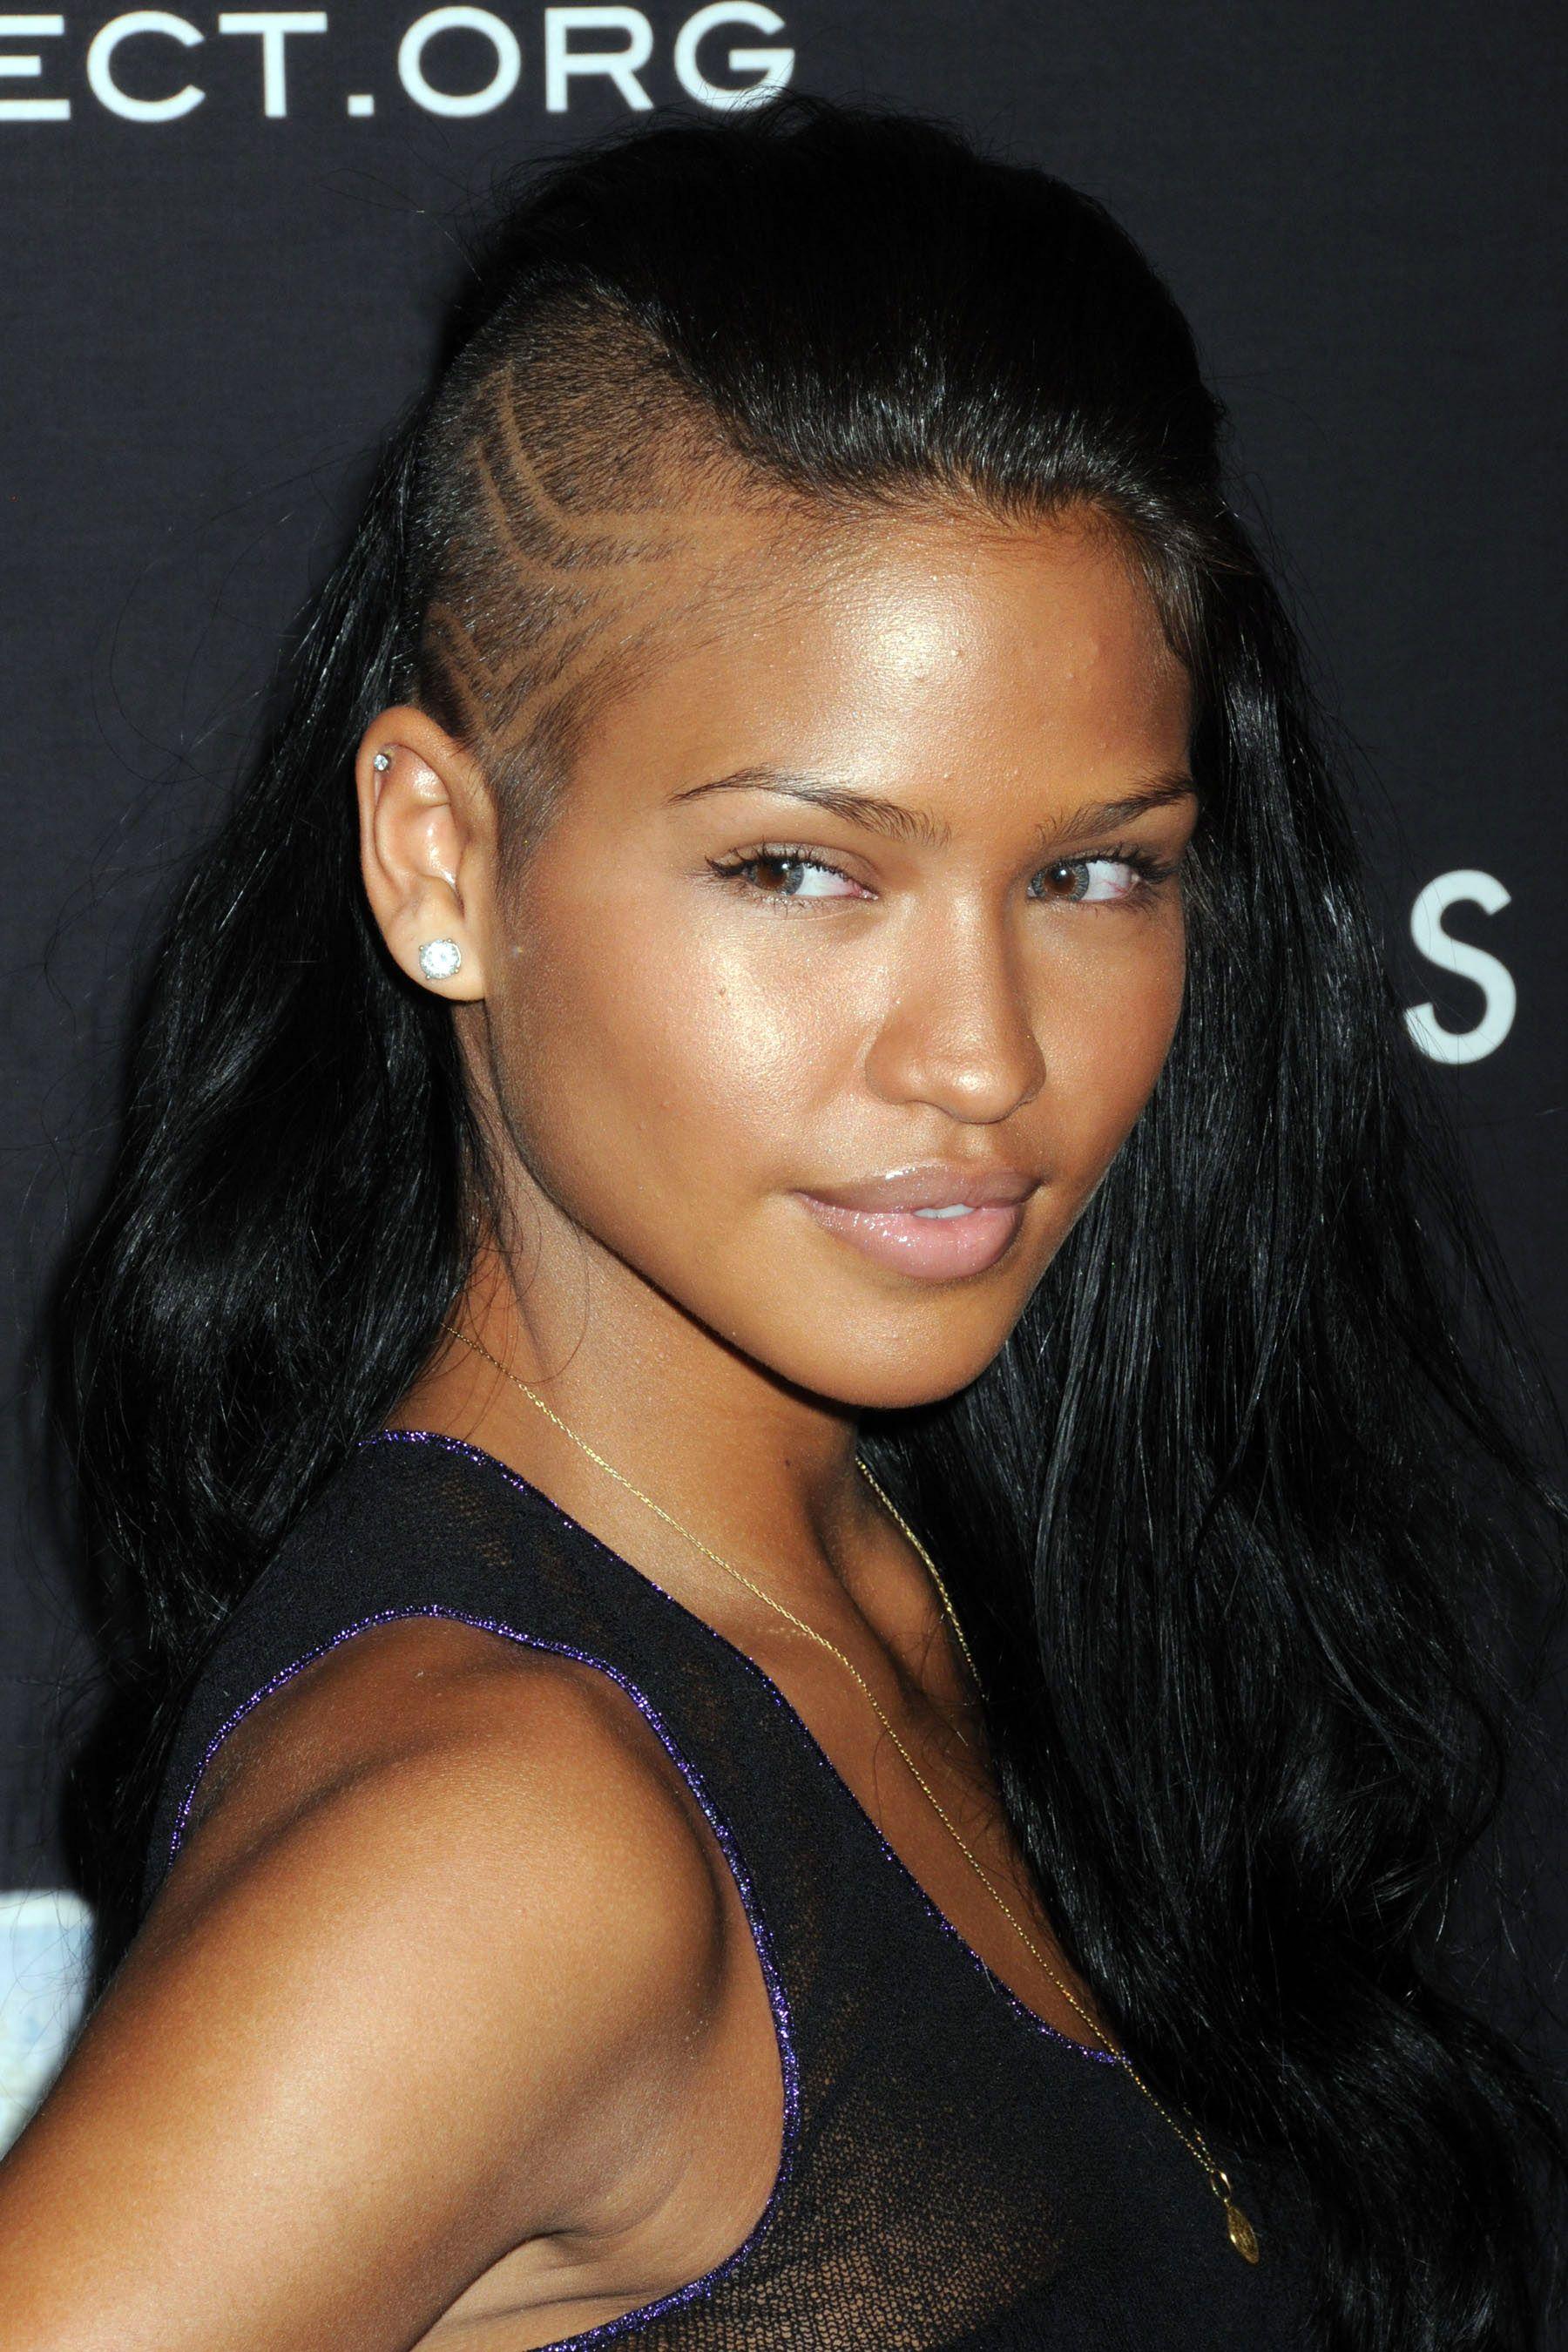 cassie undercut hairstyle designs #hair - see more hair